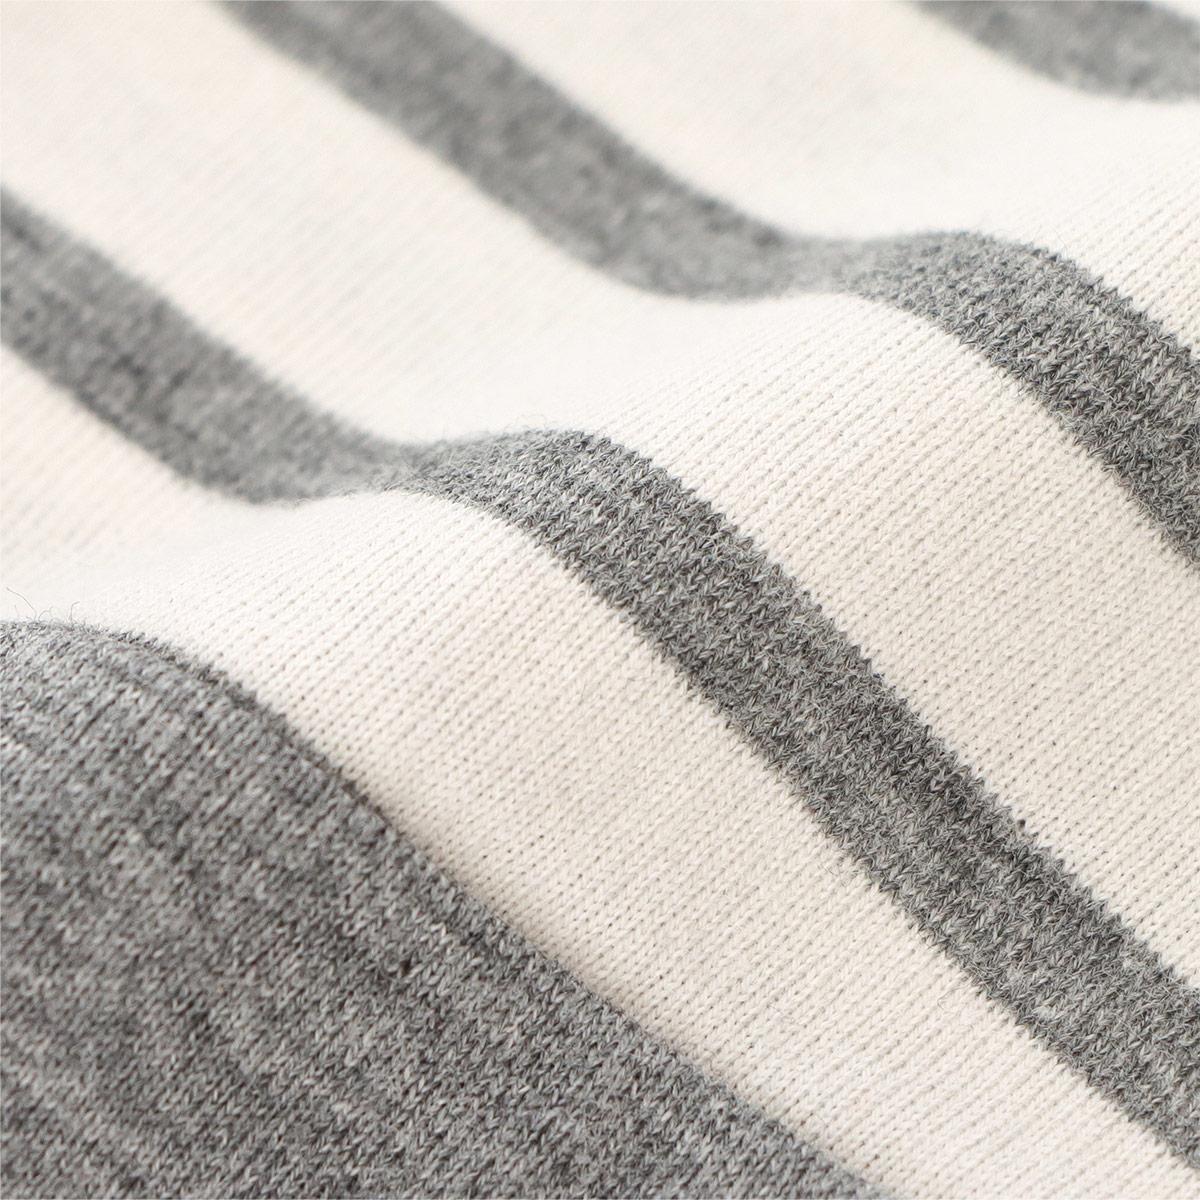 LANVIN COLLECTION ランバン コレクション レディース パジャマ シネタッチボーダー コットン100% 長袖 パンツ Mサイズ 73045572【ゆうパケットお取り扱い不可】